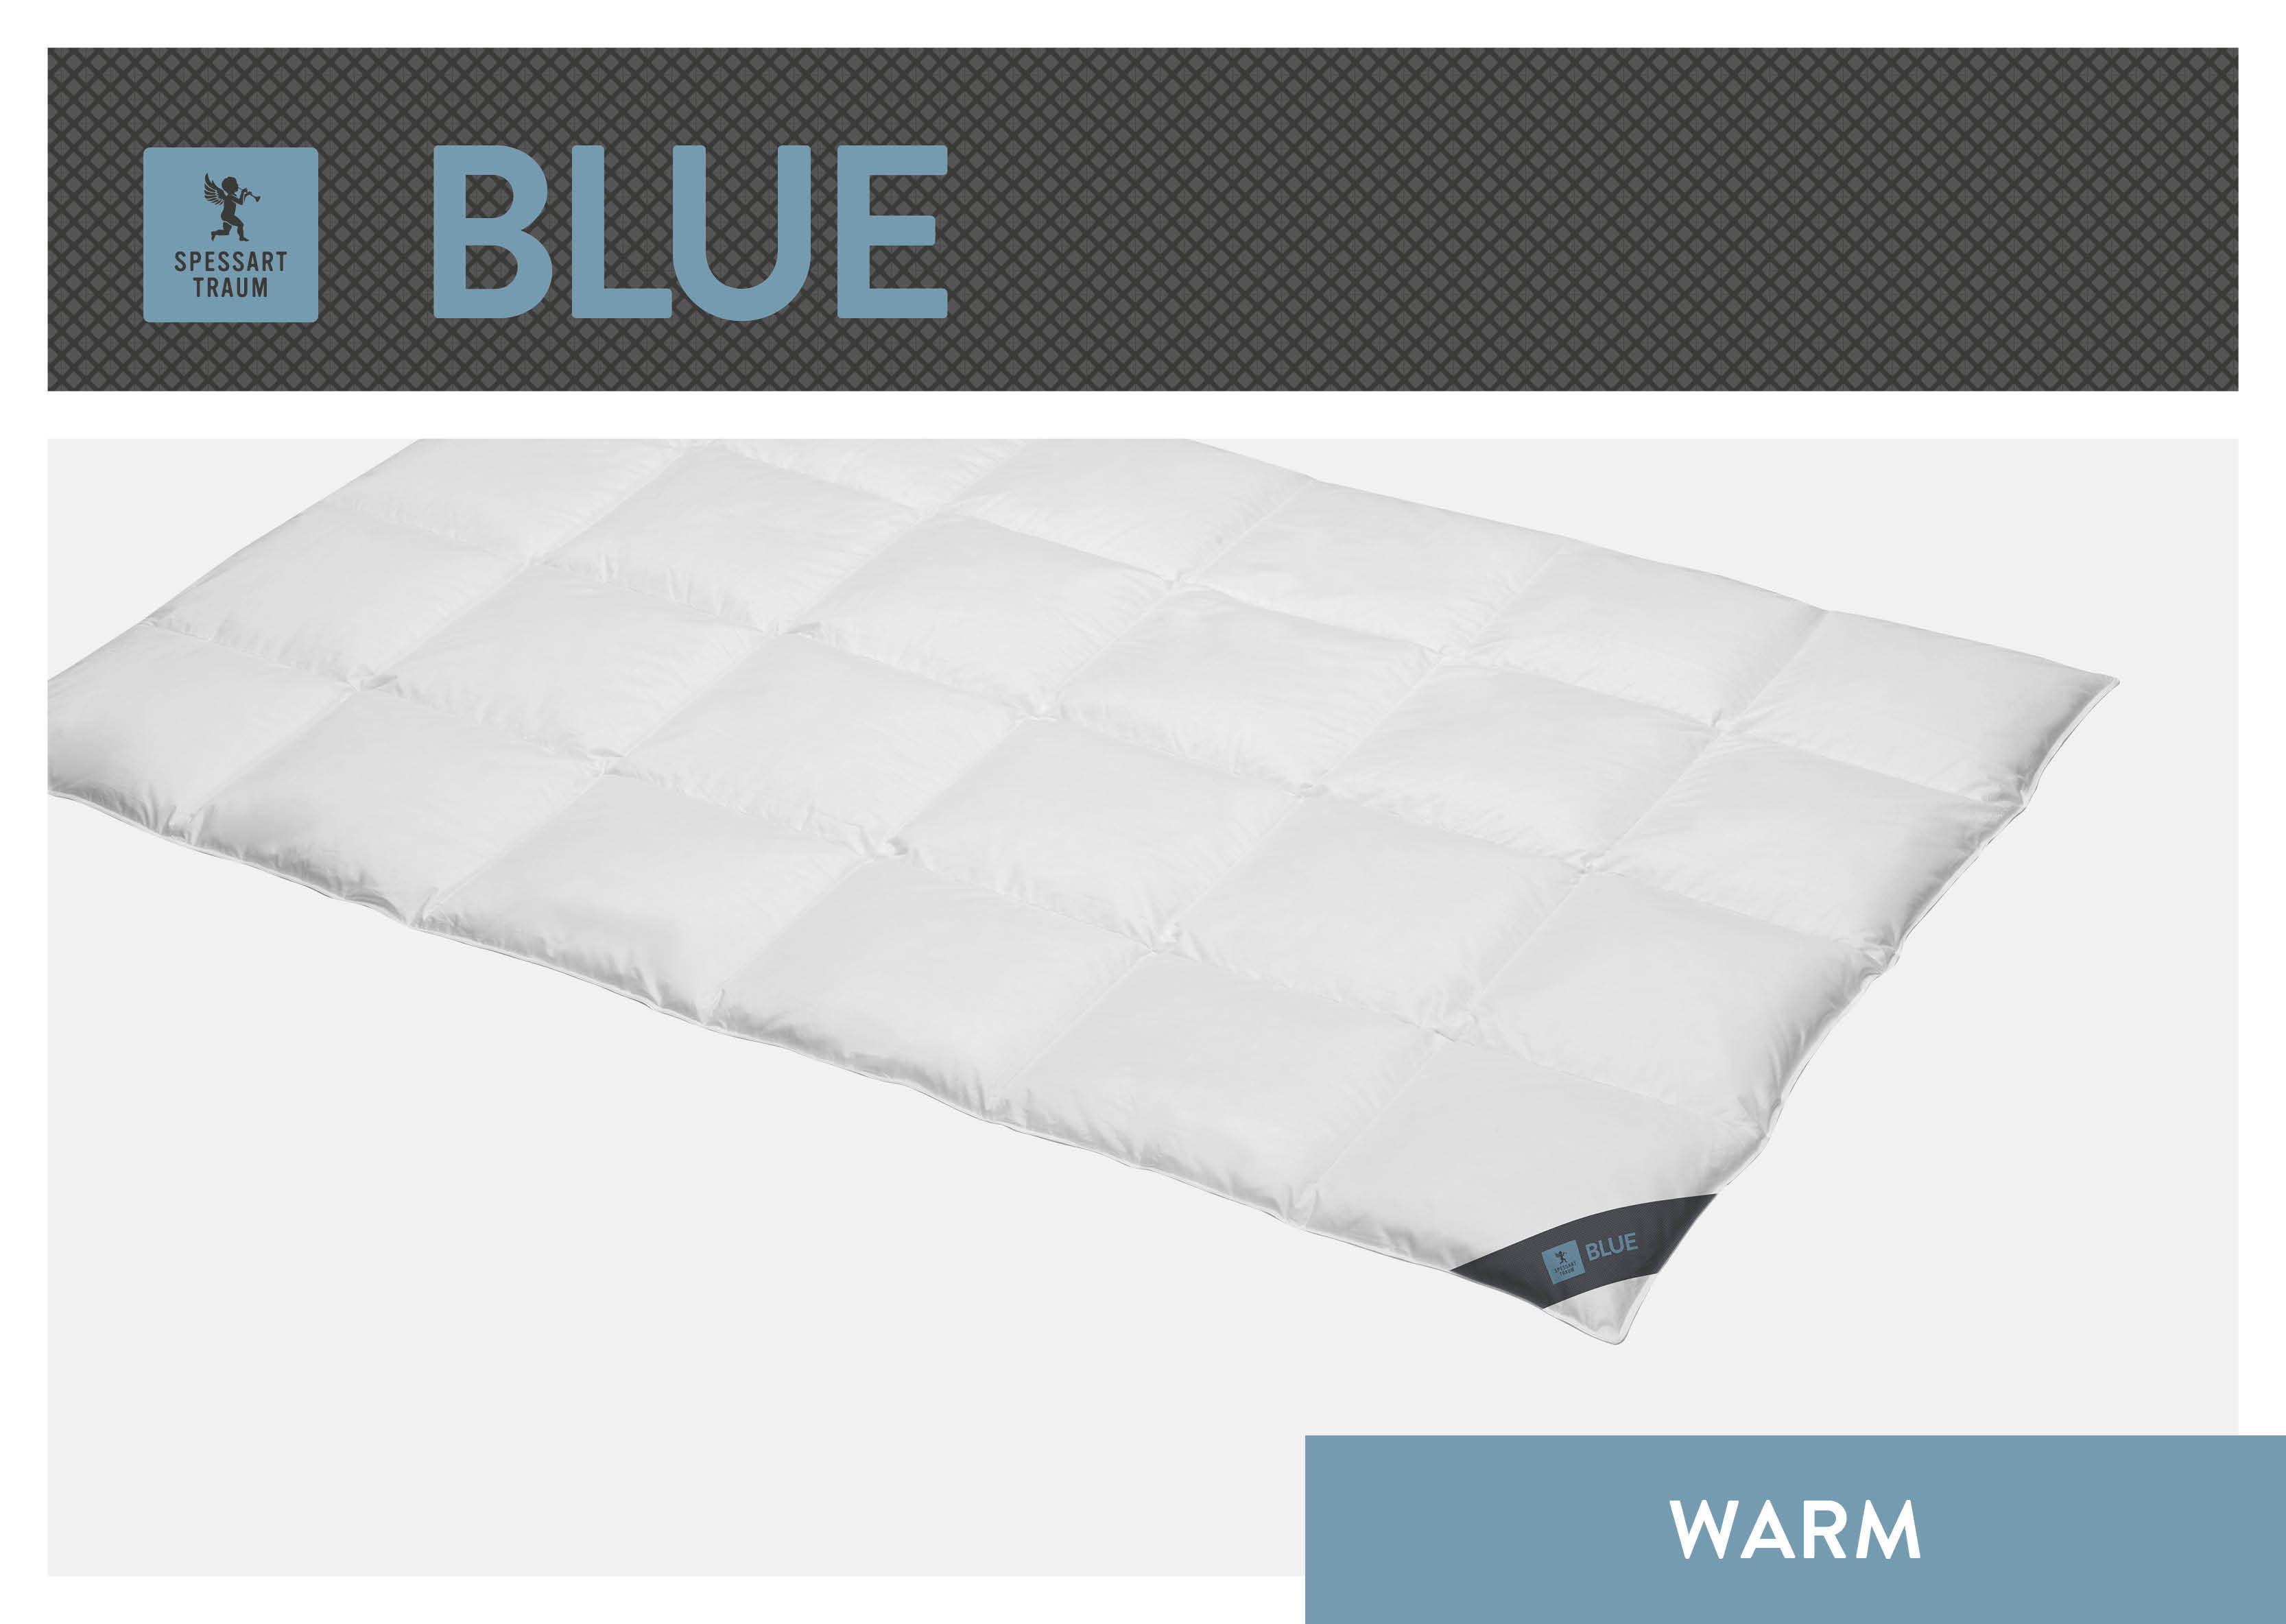 Daunenbettdecke Blue SPESSARTTRAUM warm Füllung: 60% Daunen 40% Federn Bezug: 100% Baumwolle